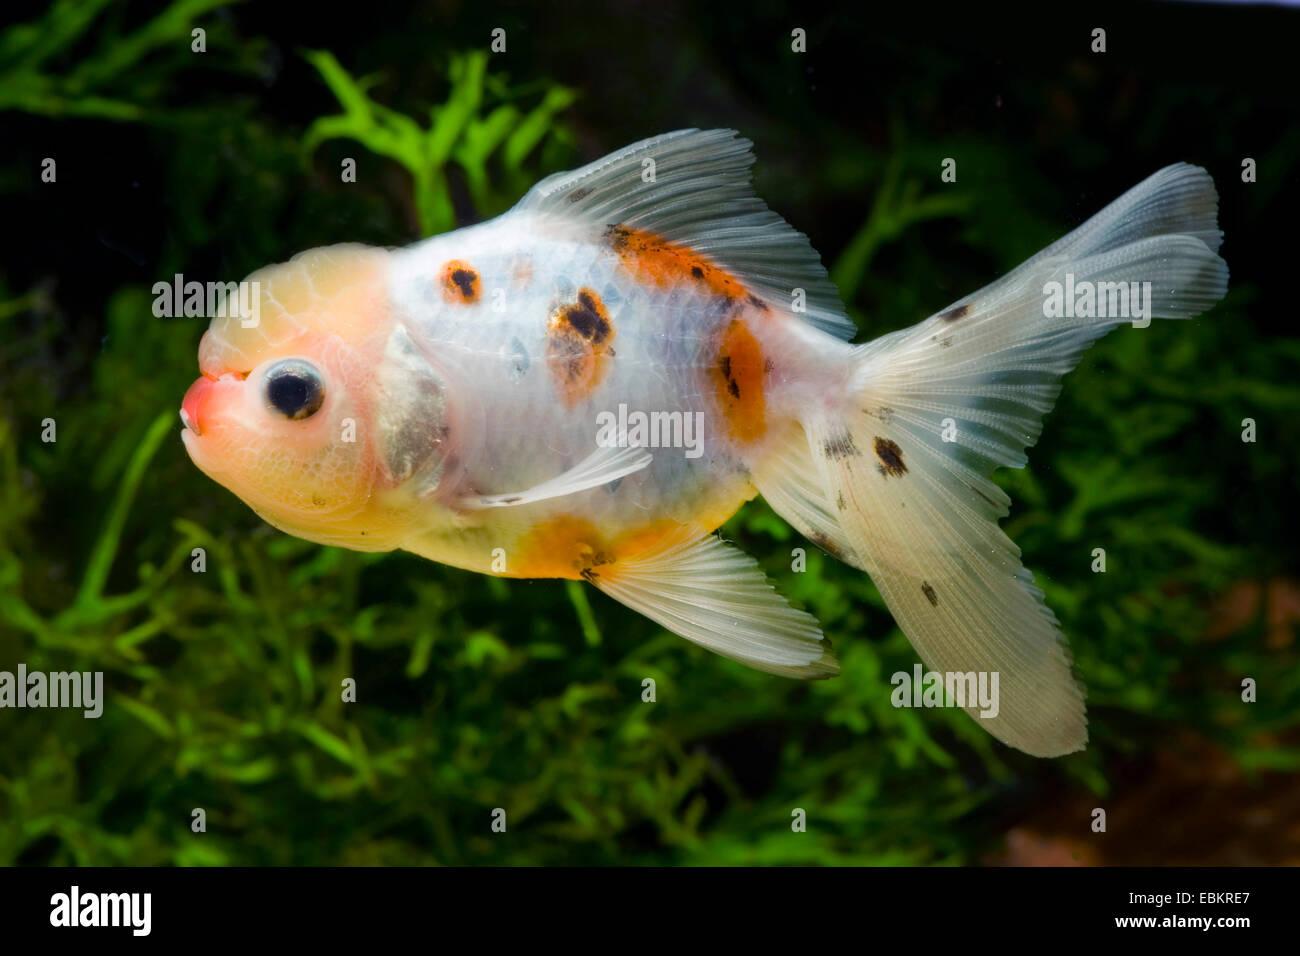 Goldfish, Common carp, Lionhead Goldfish (Carassius auratus), breeding form Lionhead Stock Photo